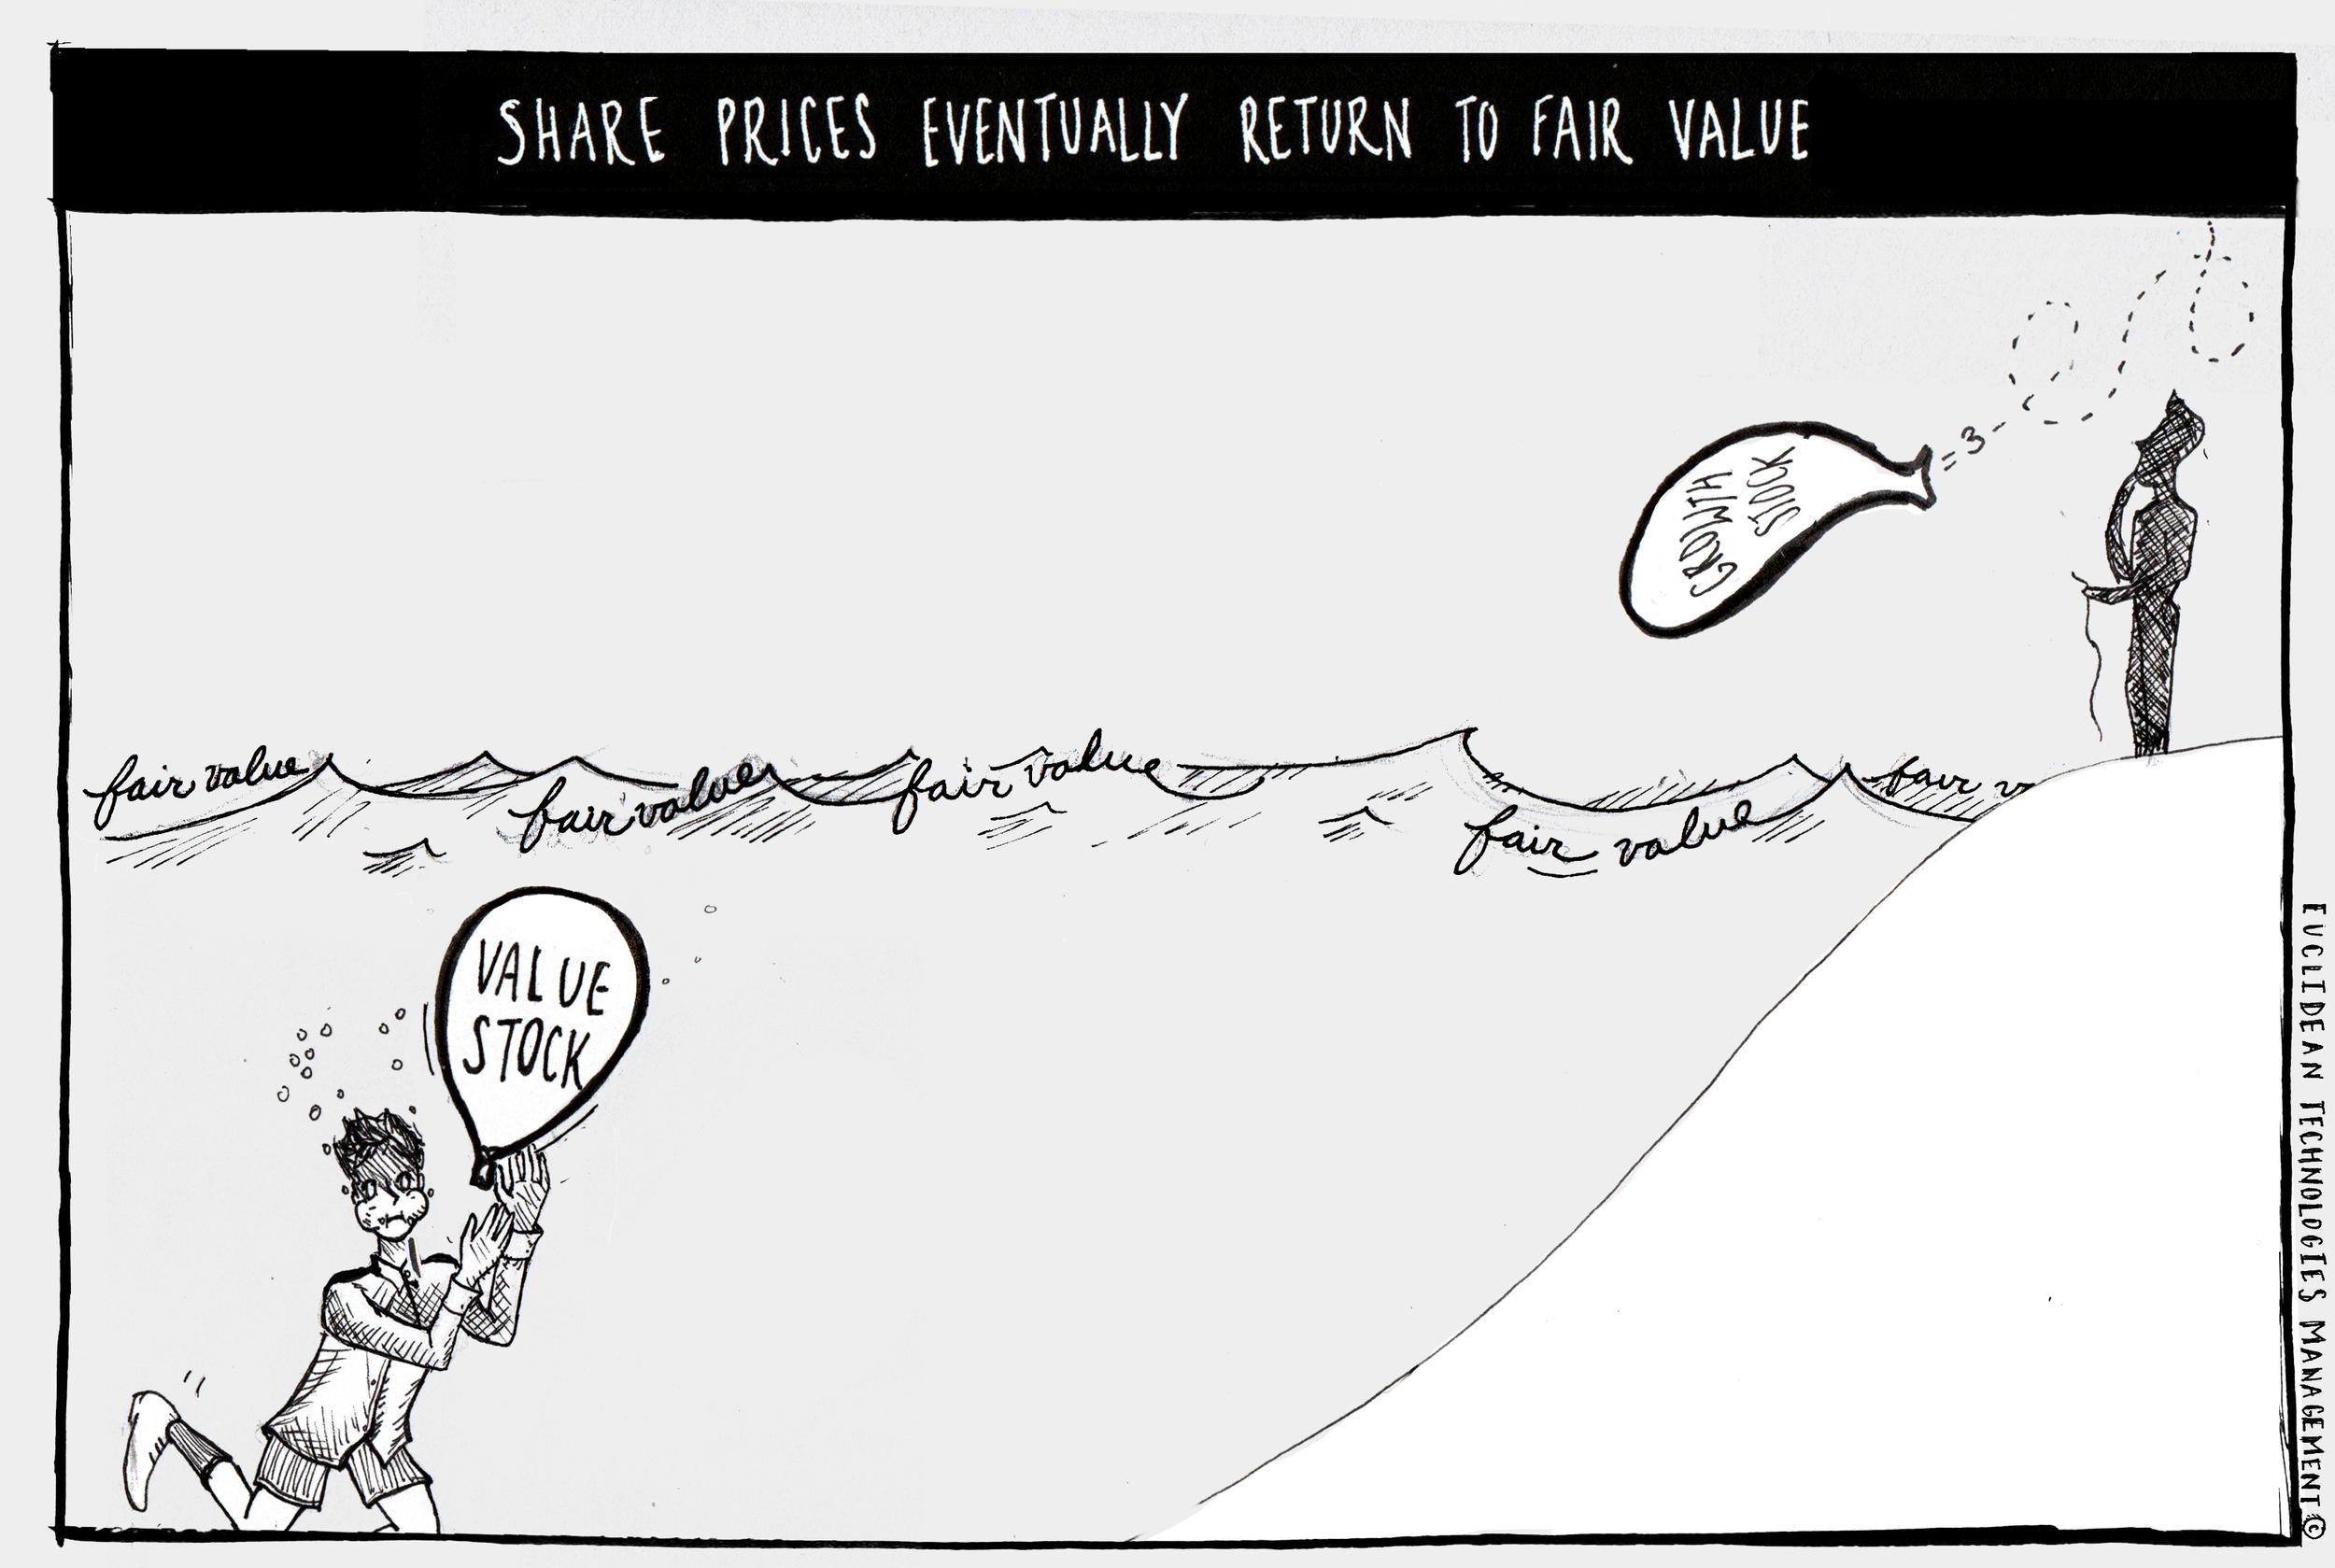 Value-Stock-Growth-Stock-Fair-Value